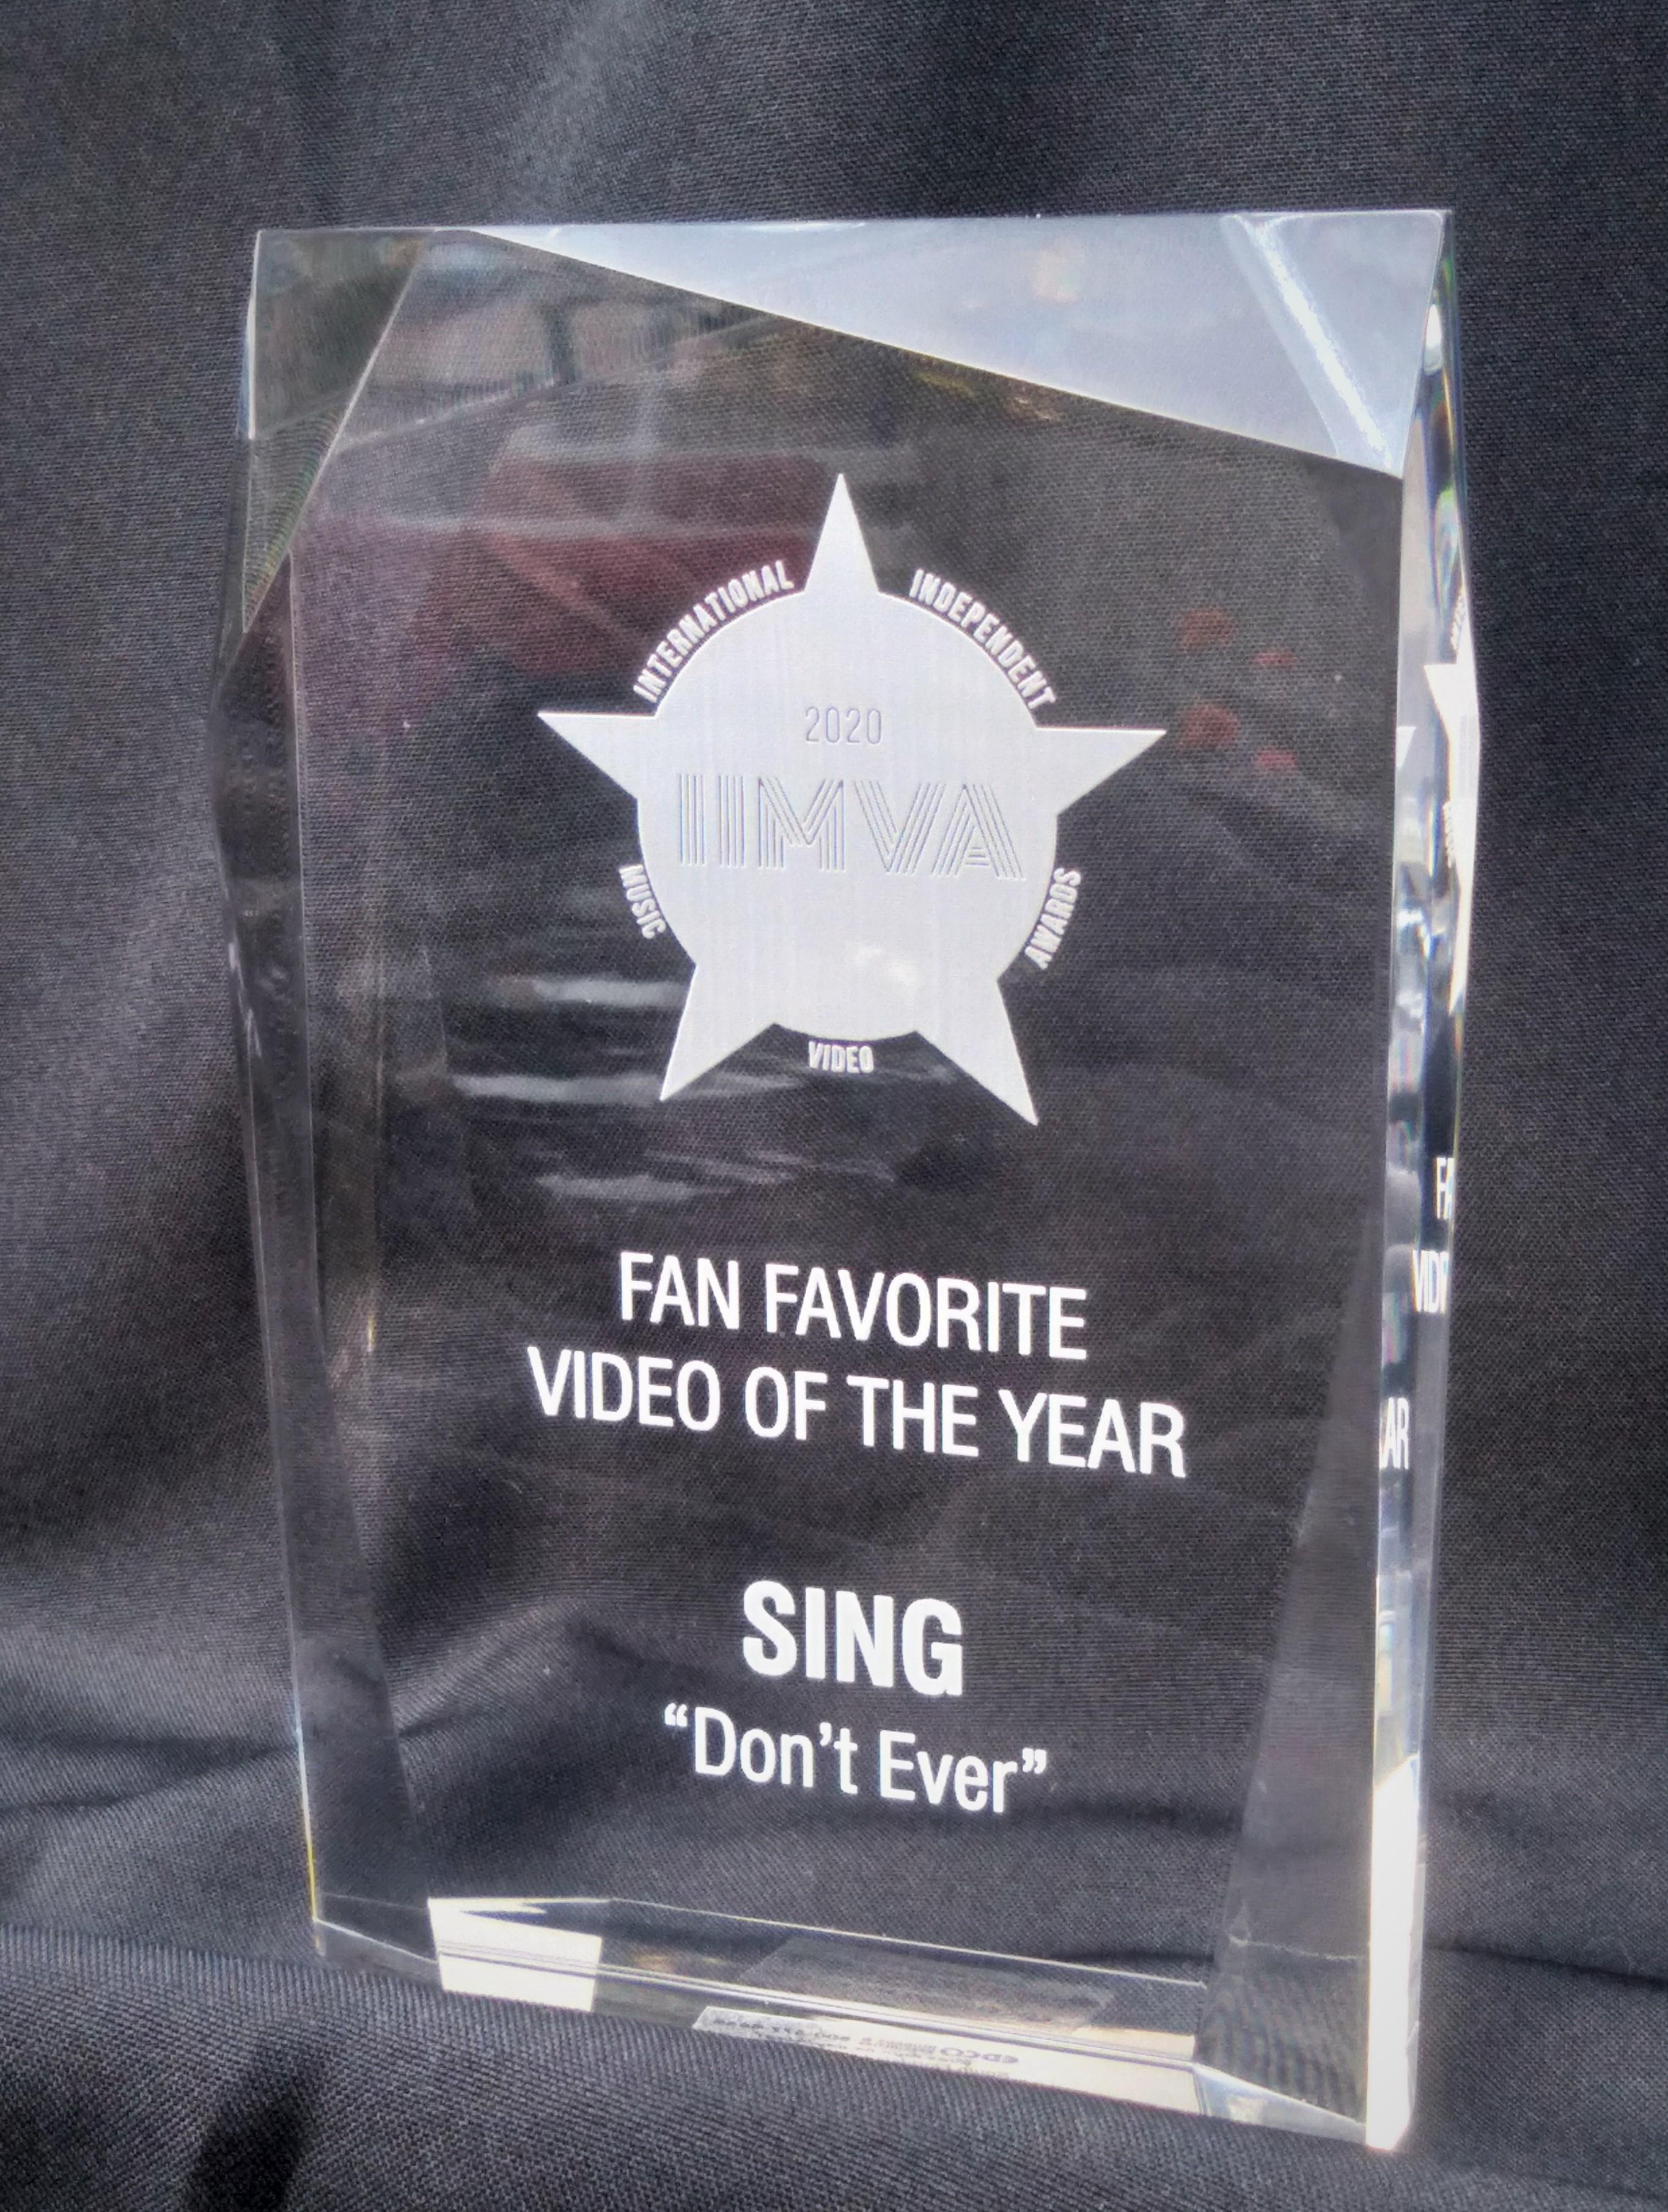 SING - Fan Favorite of the Year 2020